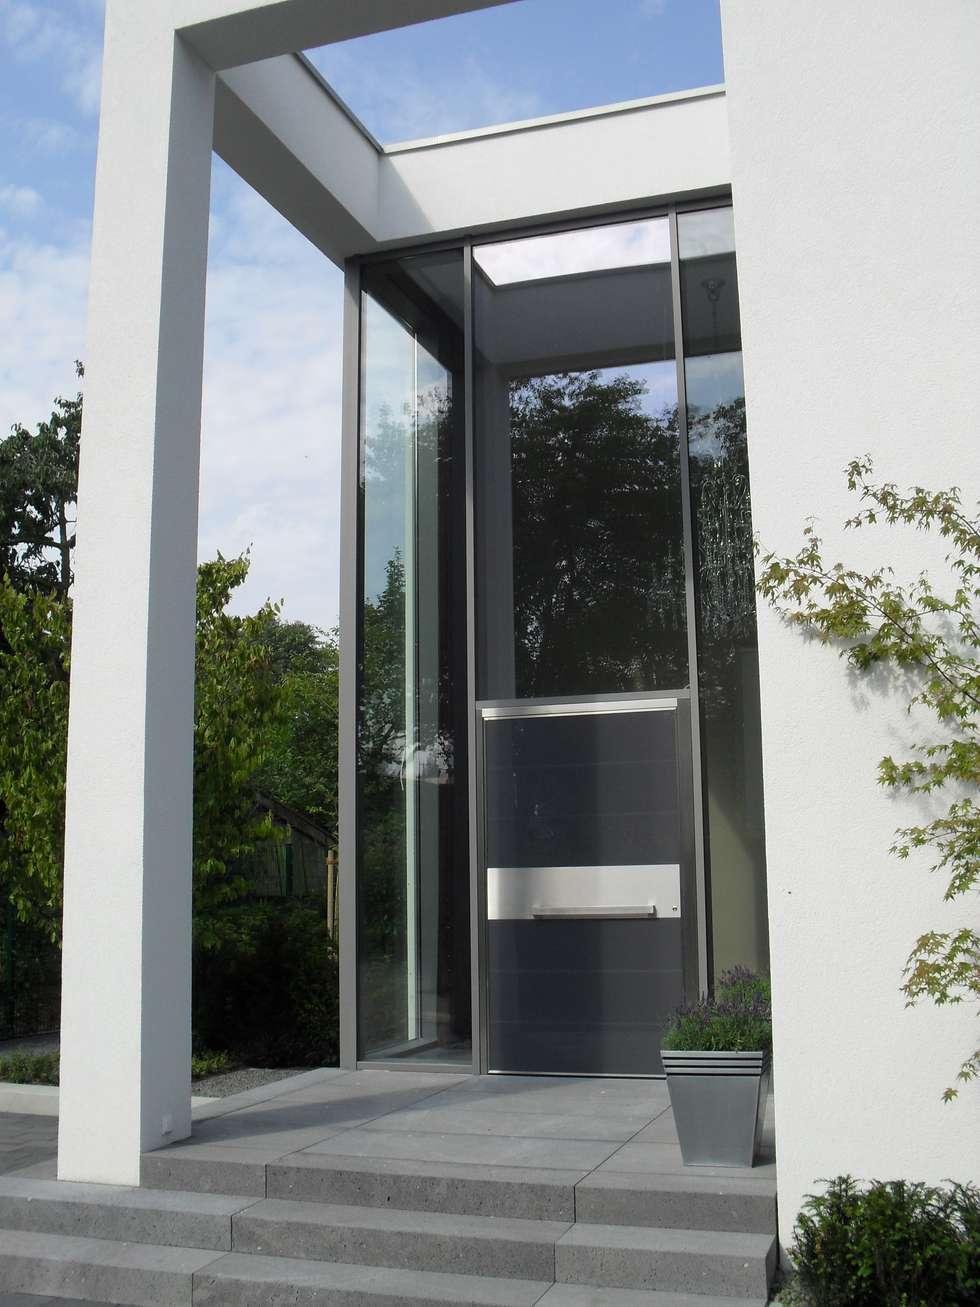 Casas de estilo minimalista por Architekturbüro Sauer-Scholta